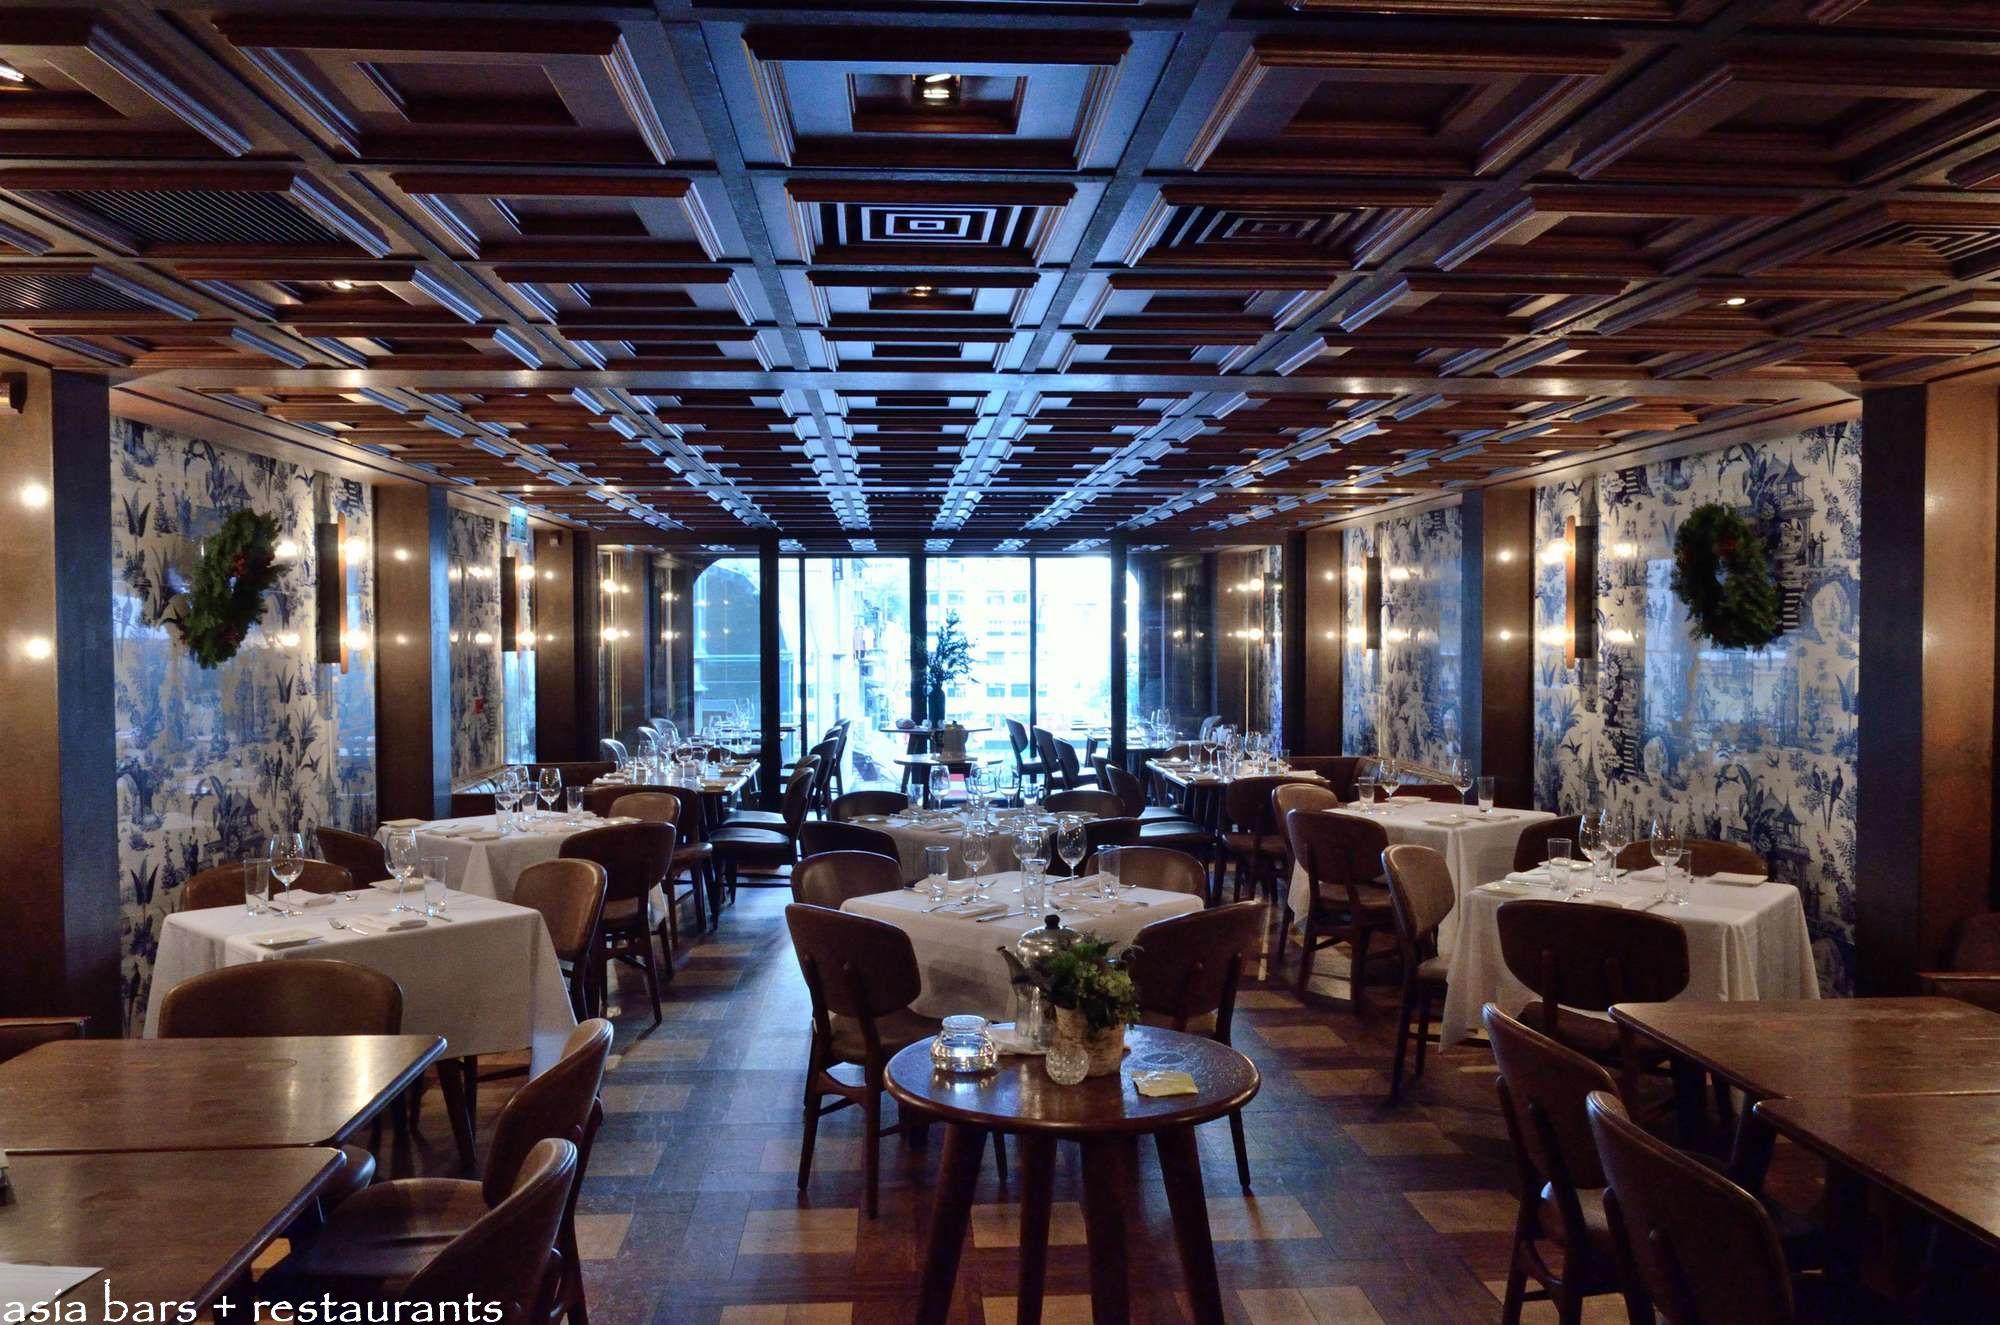 Duecento otto restaurant bar in hong kong asia